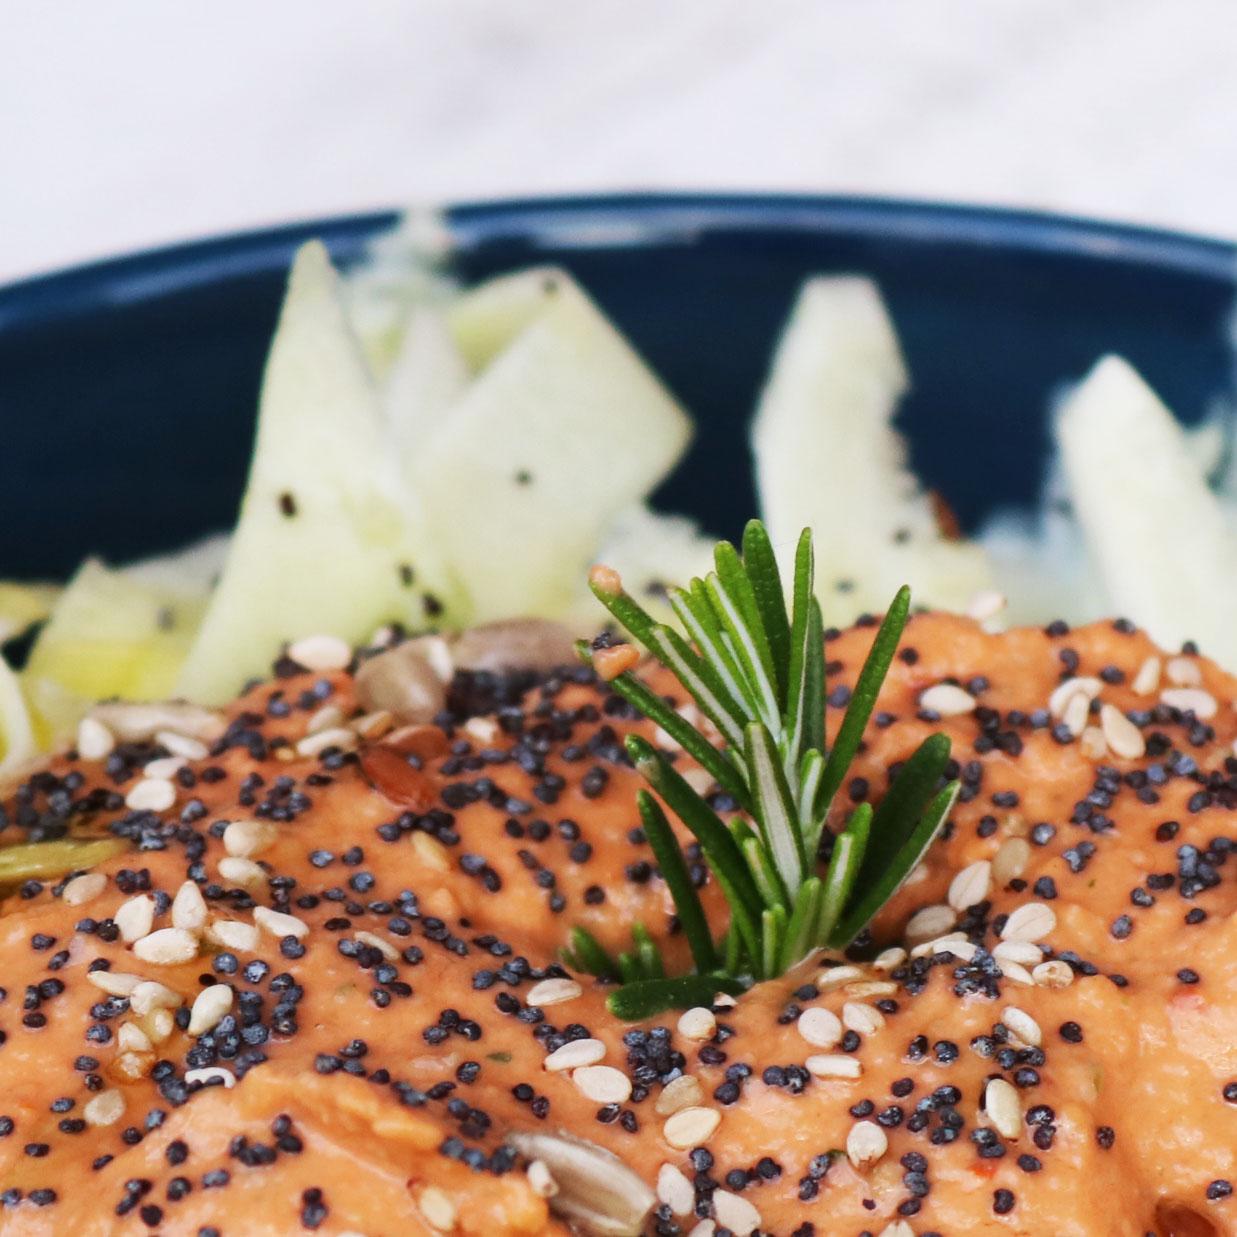 Receta vegana de tallarines de calabacín con salsa de almendras con tomate y romero